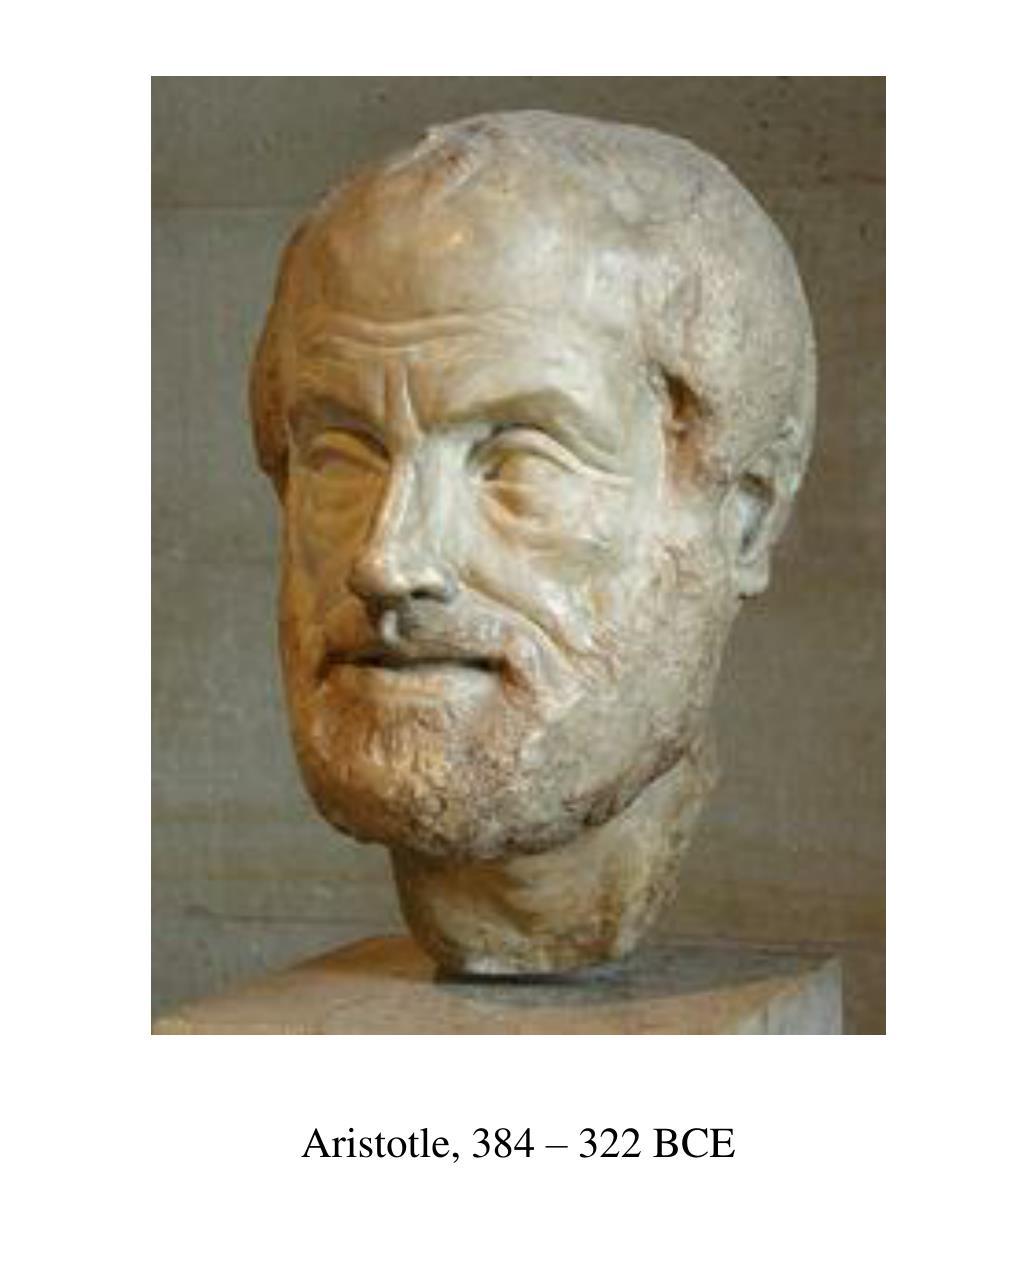 Aristotle, 384 – 322 BCE